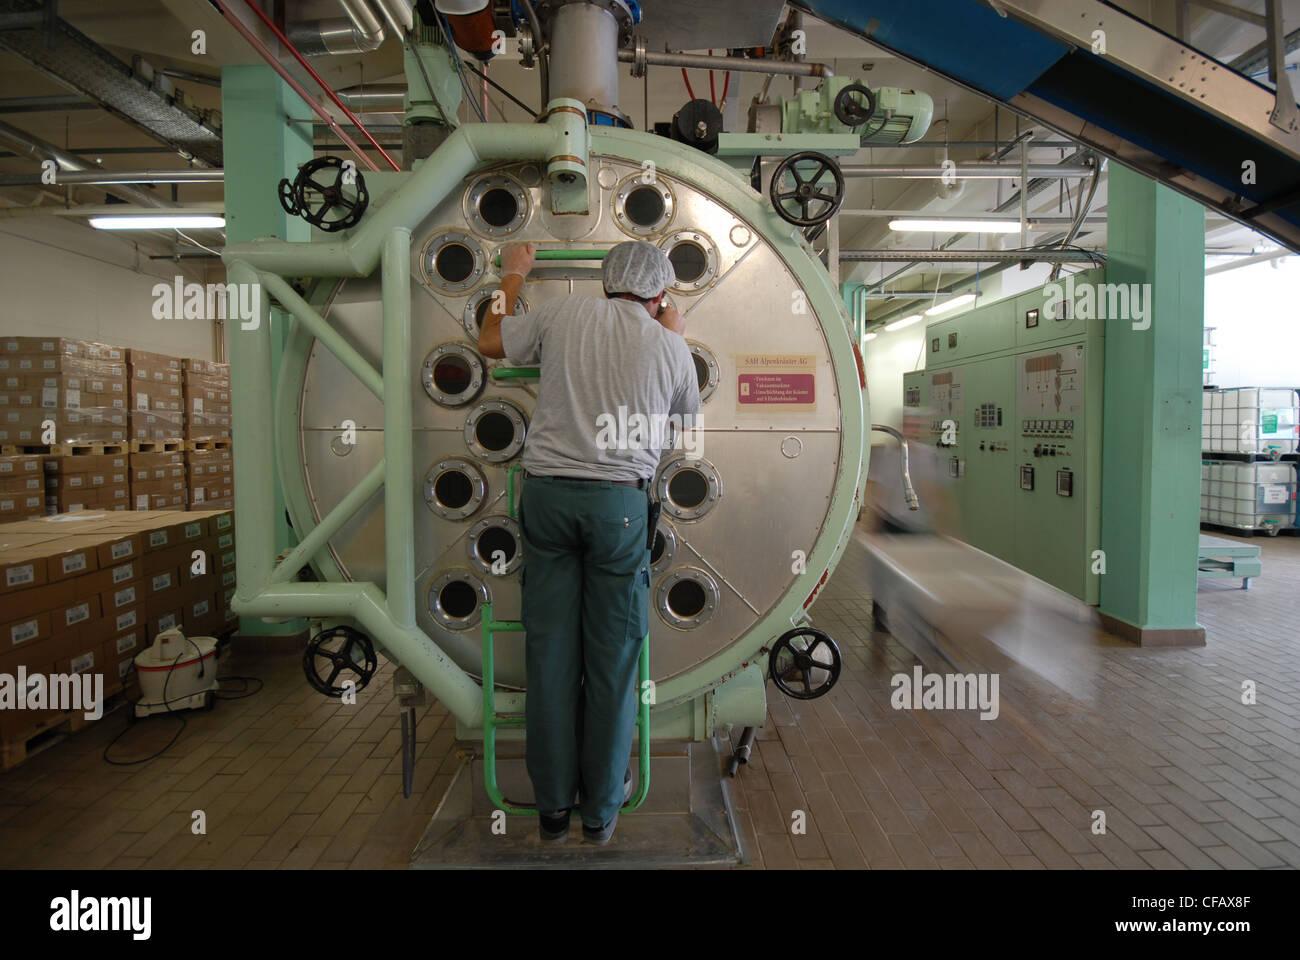 Alpine, máquina seca, hierbas, tops, biología, Weissenburg, hierbas de montaña, procesamiento, reparadoras, Imagen De Stock